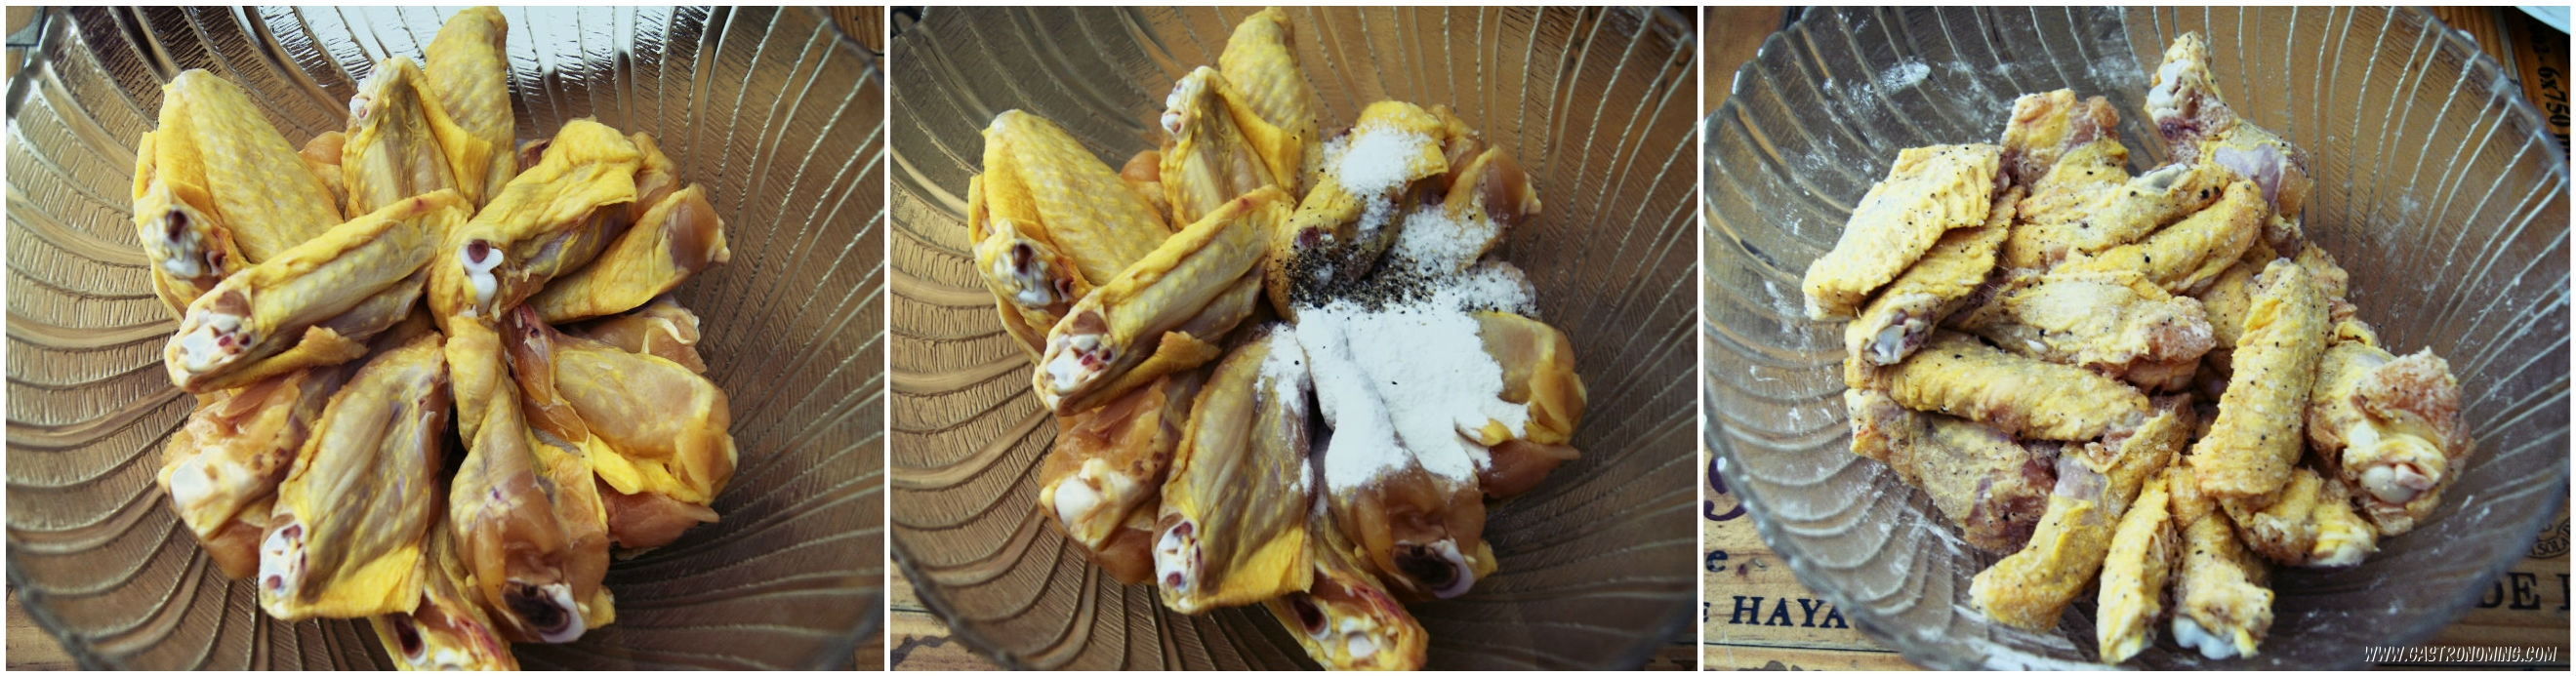 Alitas de pollo con sriracha y miel